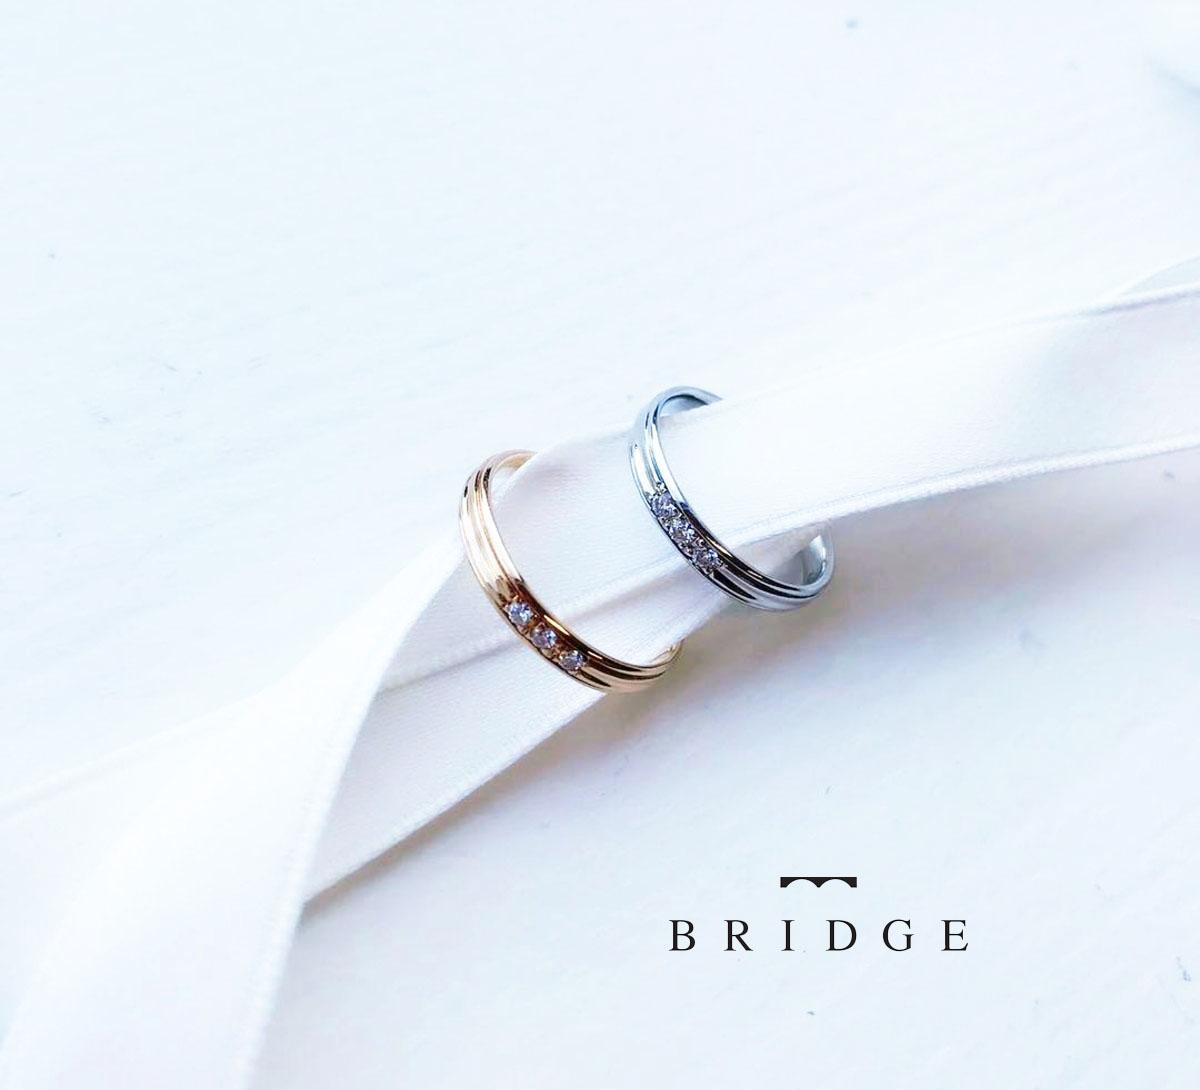 シンプルなデザインで、どんなエンゲージリングとも合わせやすい可愛い結婚指輪のご紹介です。